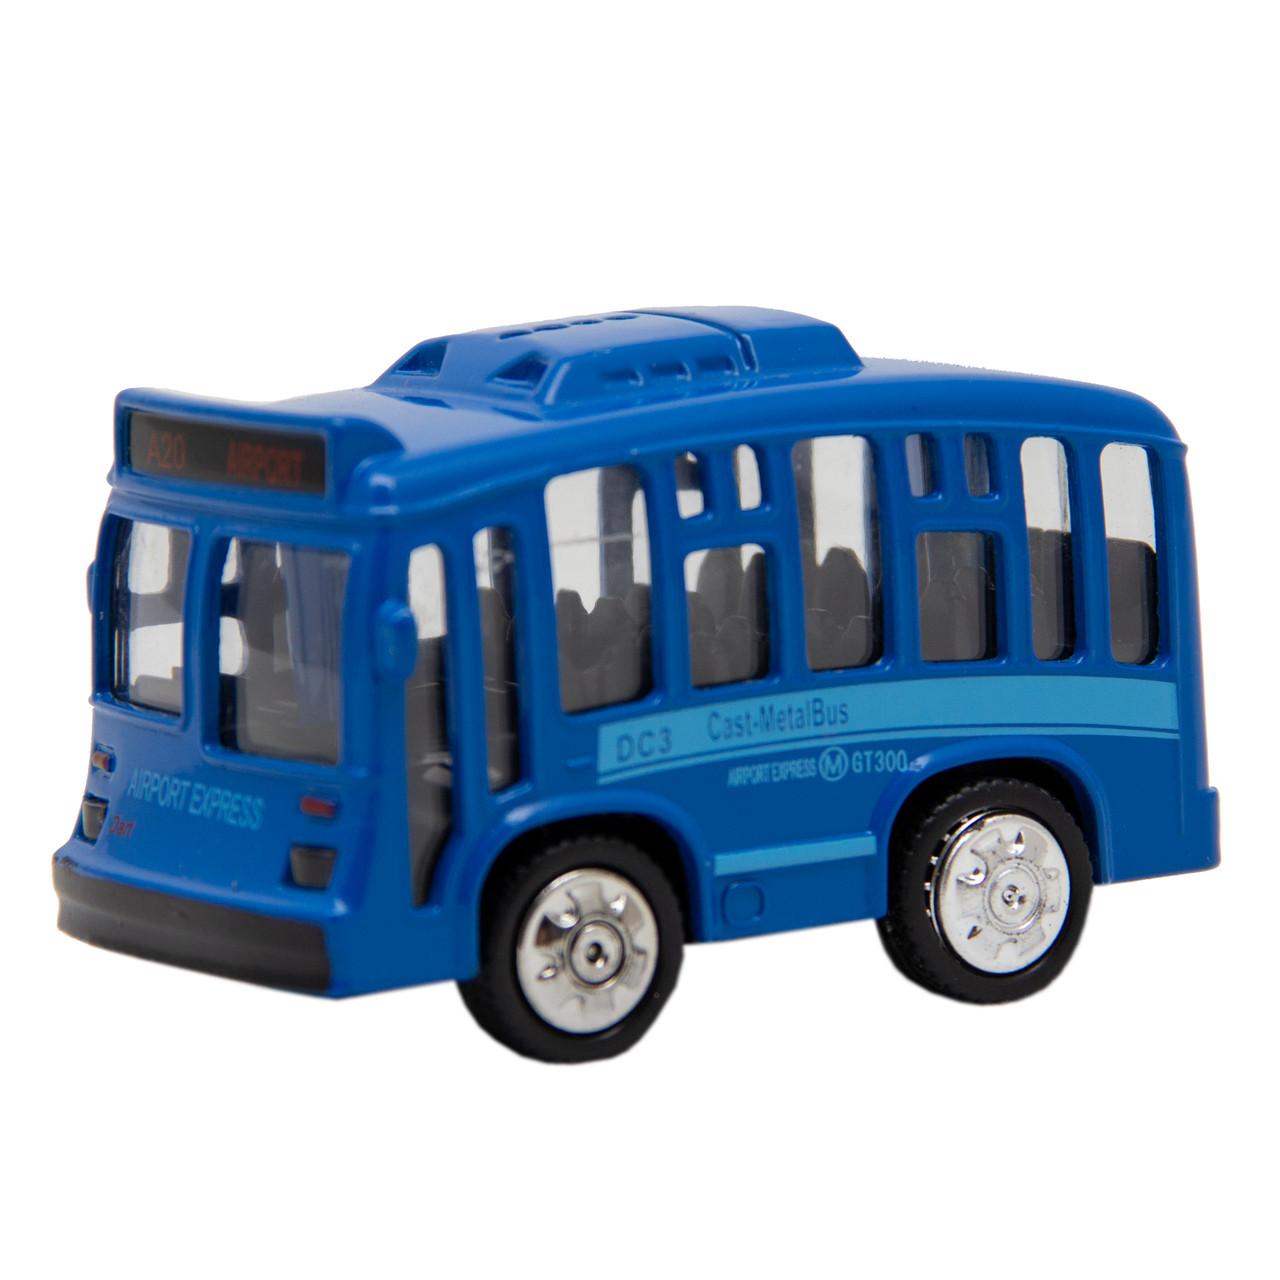 Игрушка детская - Автобус 1:36, инерционный, музыкальный, 8*5*4 см, синий, металл (A872784MK-W-3)